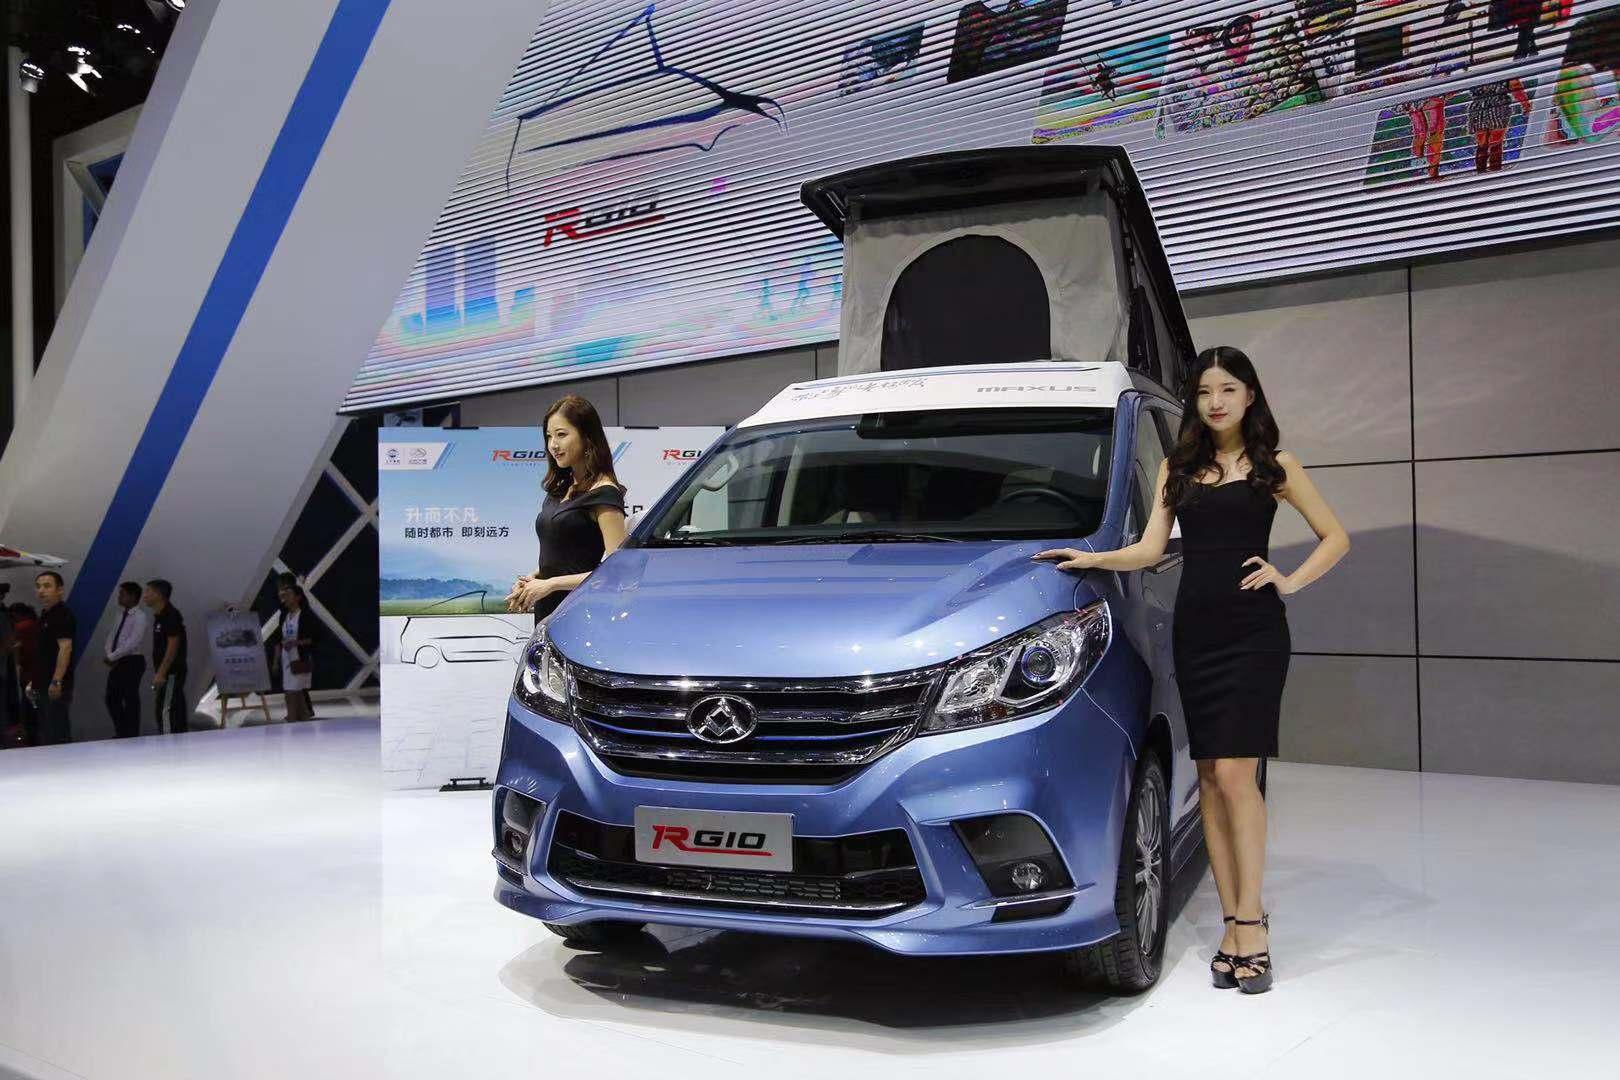 售价25.98万-31.98万 上汽大通RG10广州车展正式上市